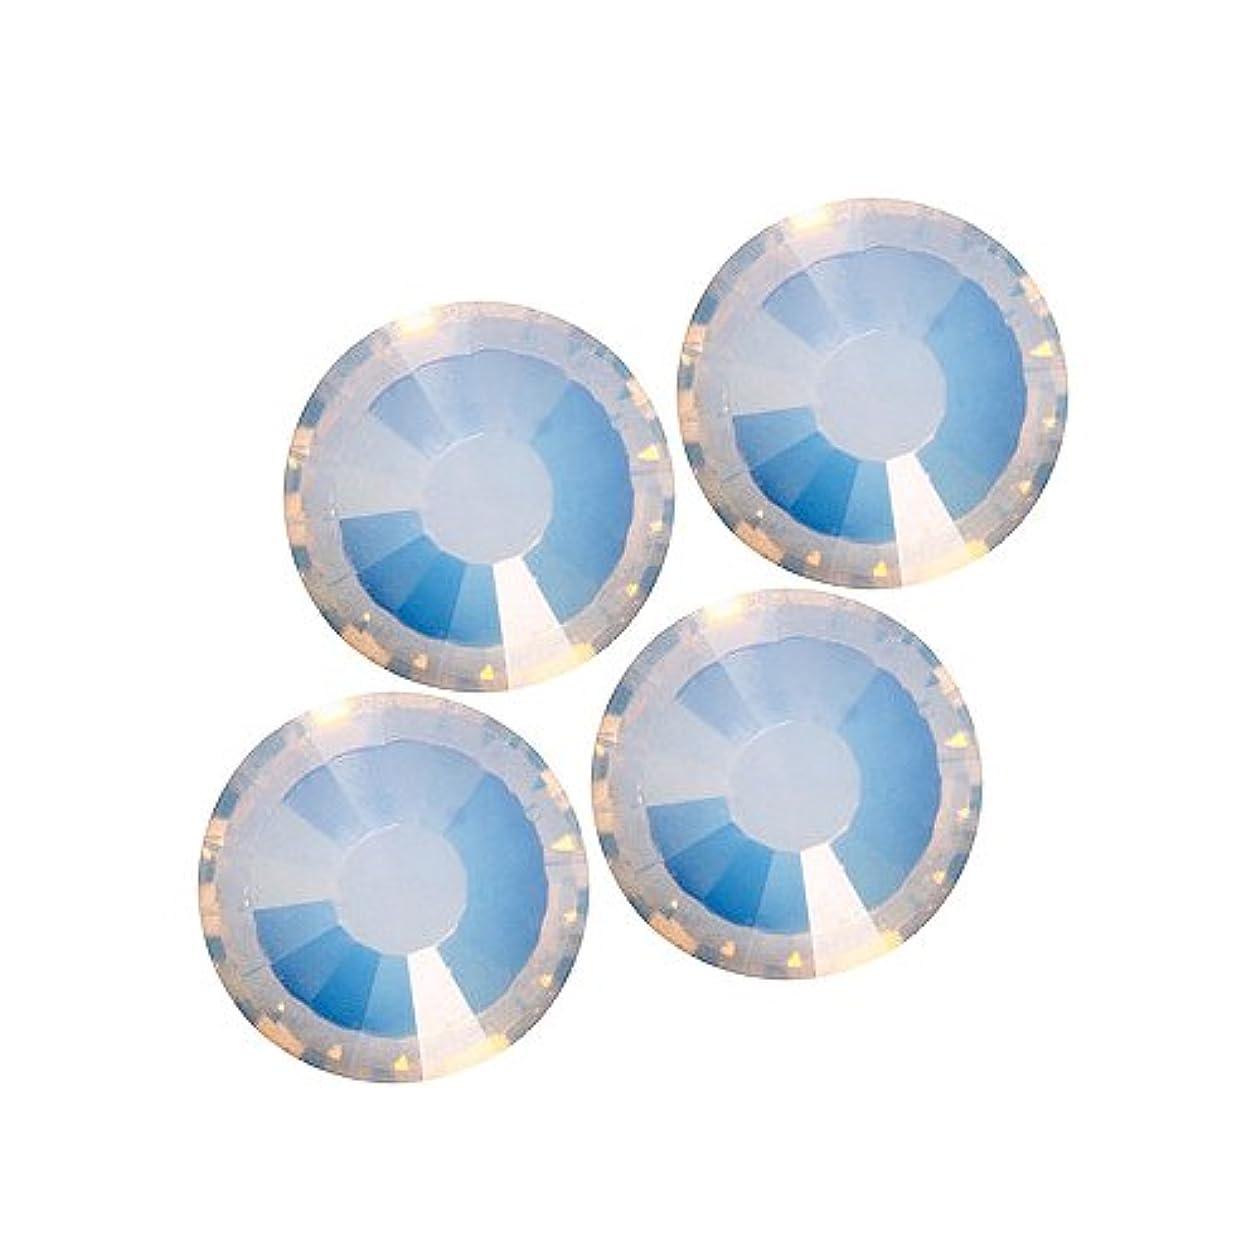 オプション思慮深いラテンバイナル DIAMOND RHINESTONE ホワイトオパールSS8 1440粒 ST-SS8-WHO-10G